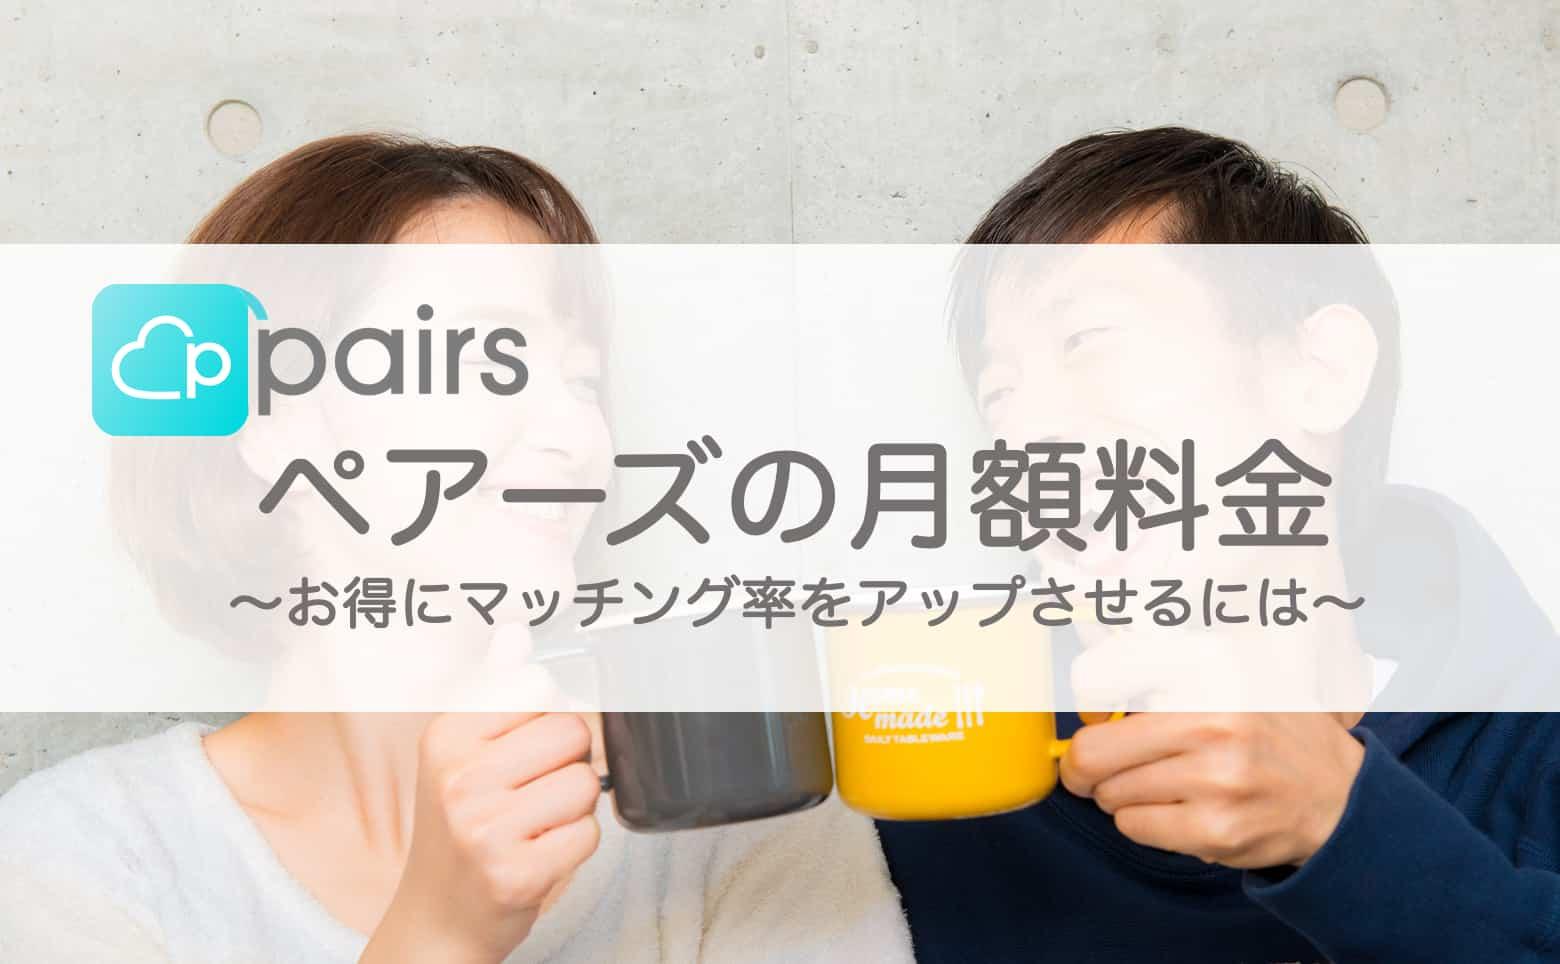 ペアーズ料金記事アイキャッチ